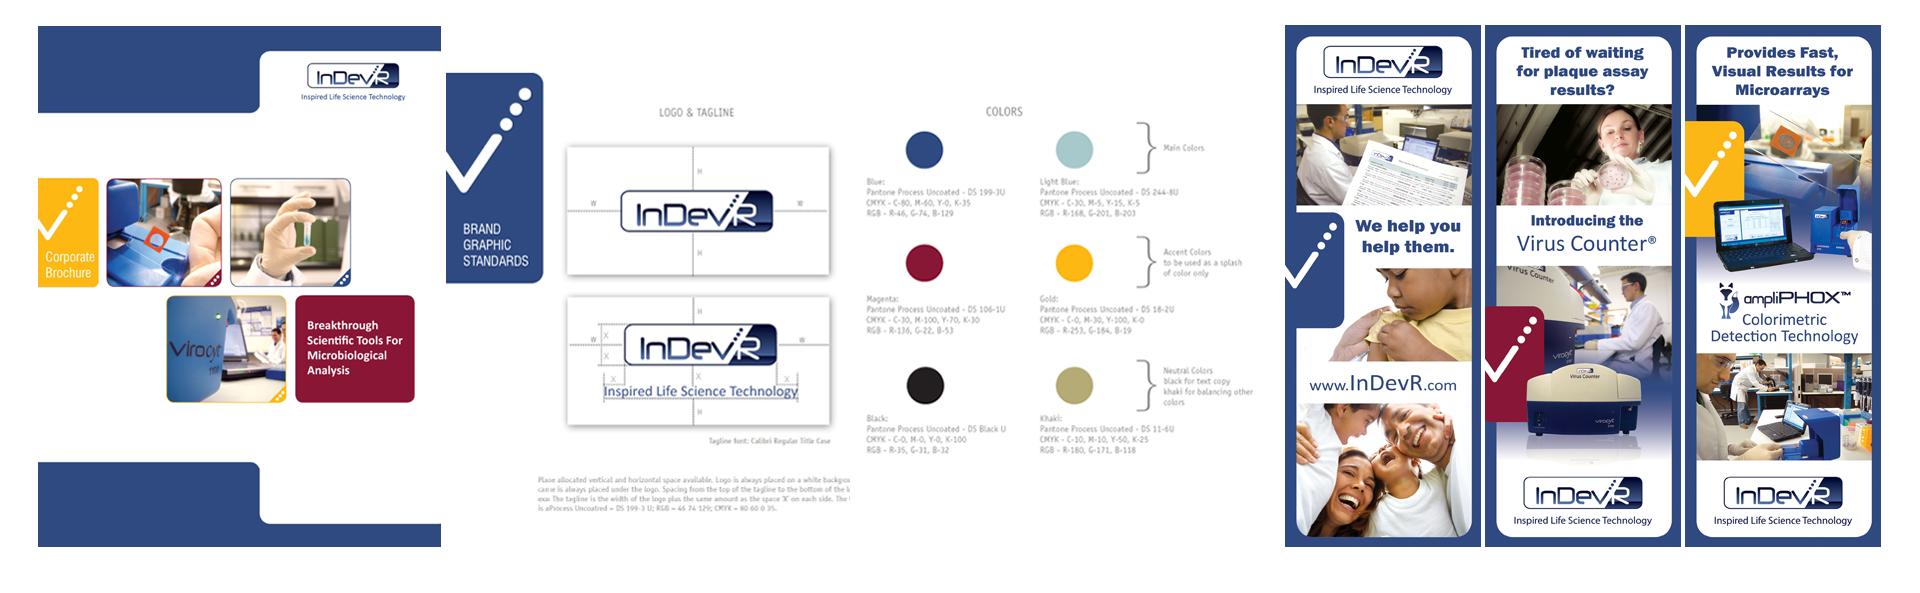 InDevR - Logo, Brand, Website, Business/Marketing Material